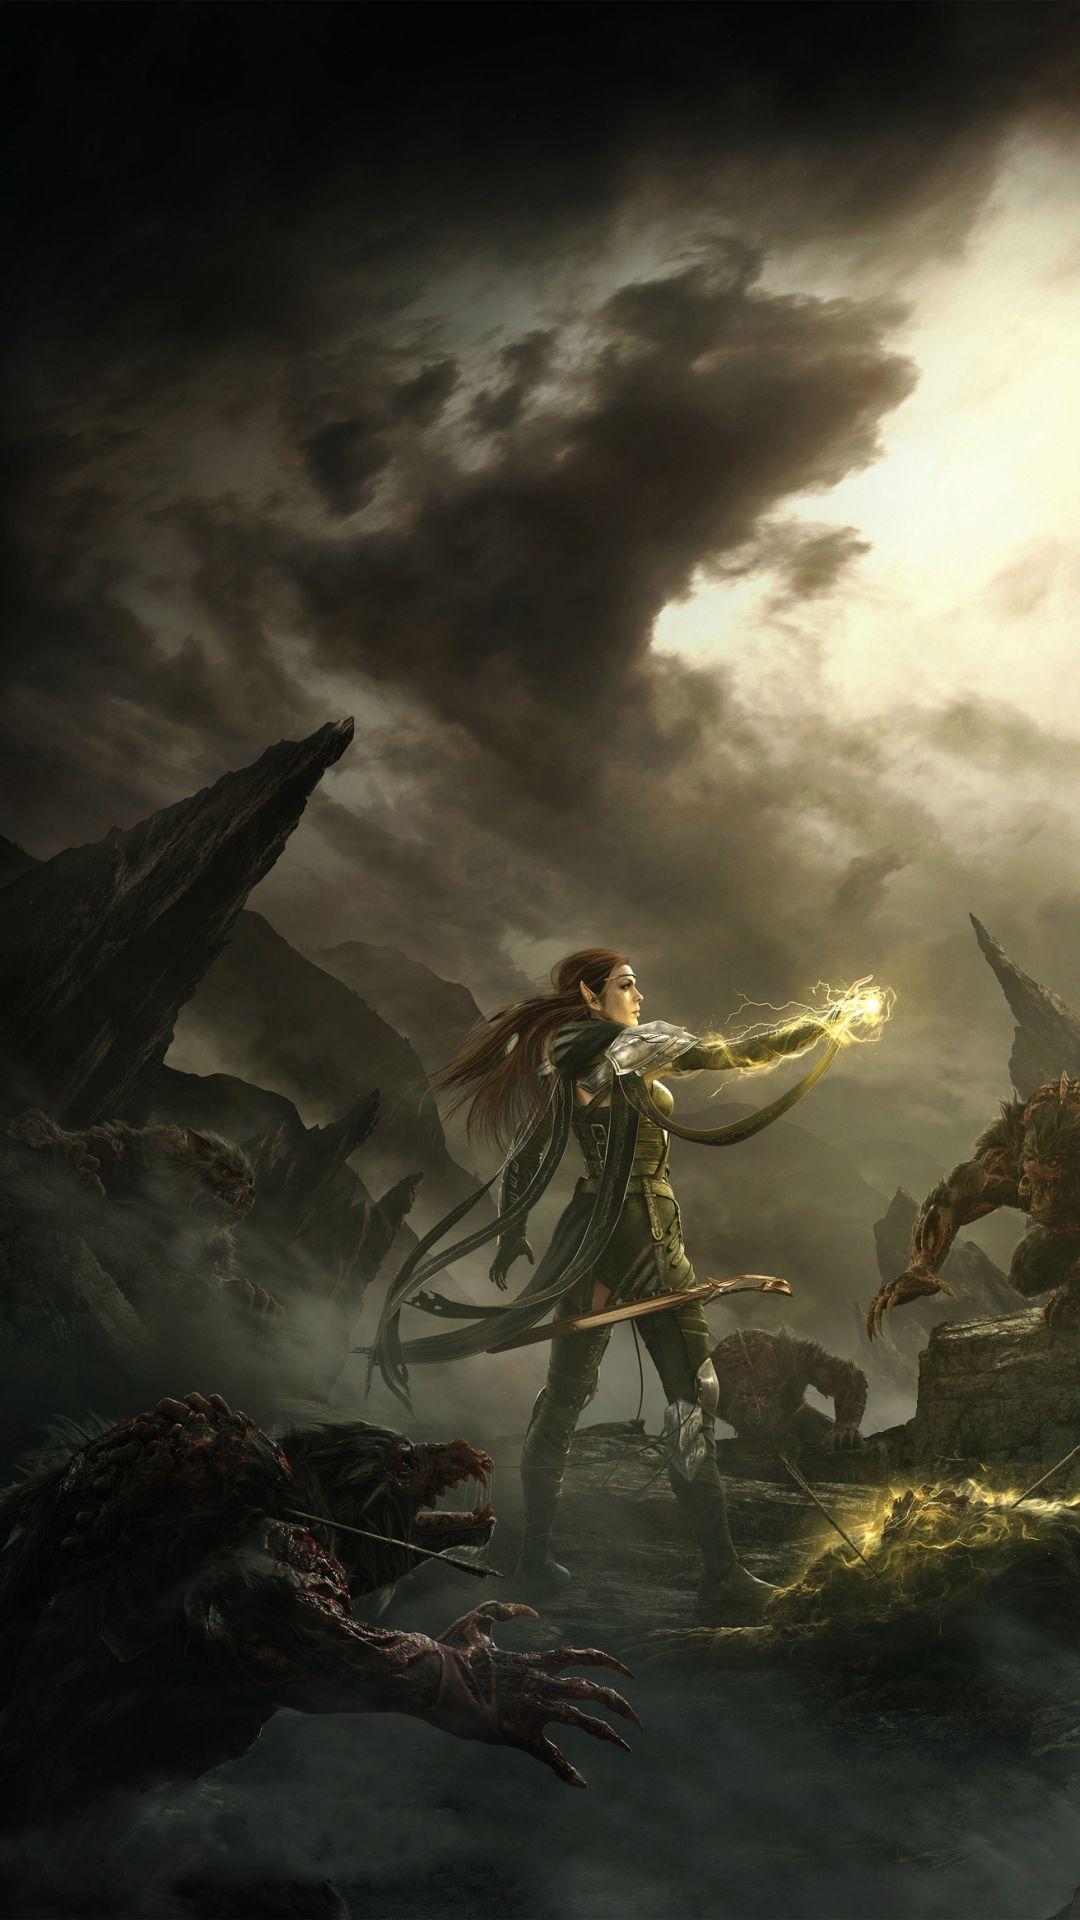 Elder Scrolls Phone Wallpapers Top Free Elder Scrolls Phone